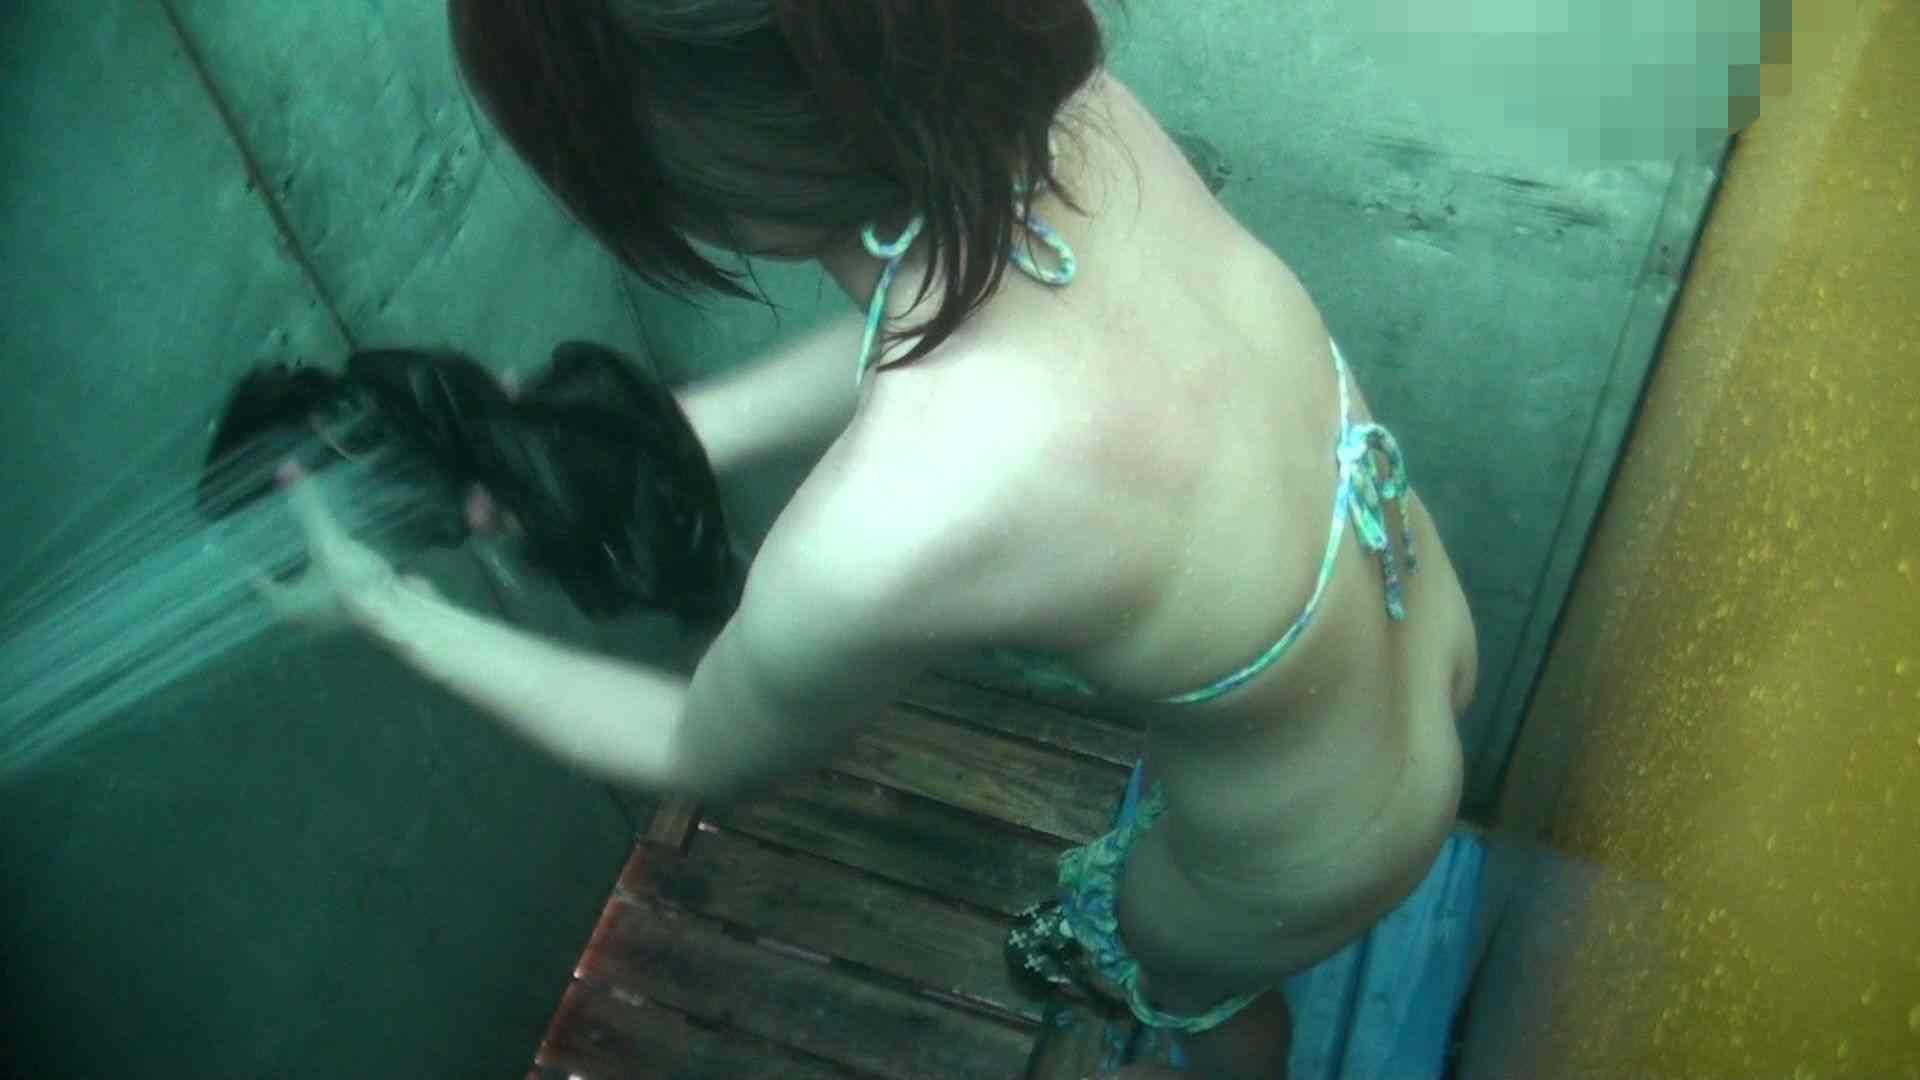 シャワールームは超!!危険な香りVol.15 残念ですが乳首未確認 マンコの砂は入念に OLの実態 盗撮アダルト動画キャプチャ 41pic 32